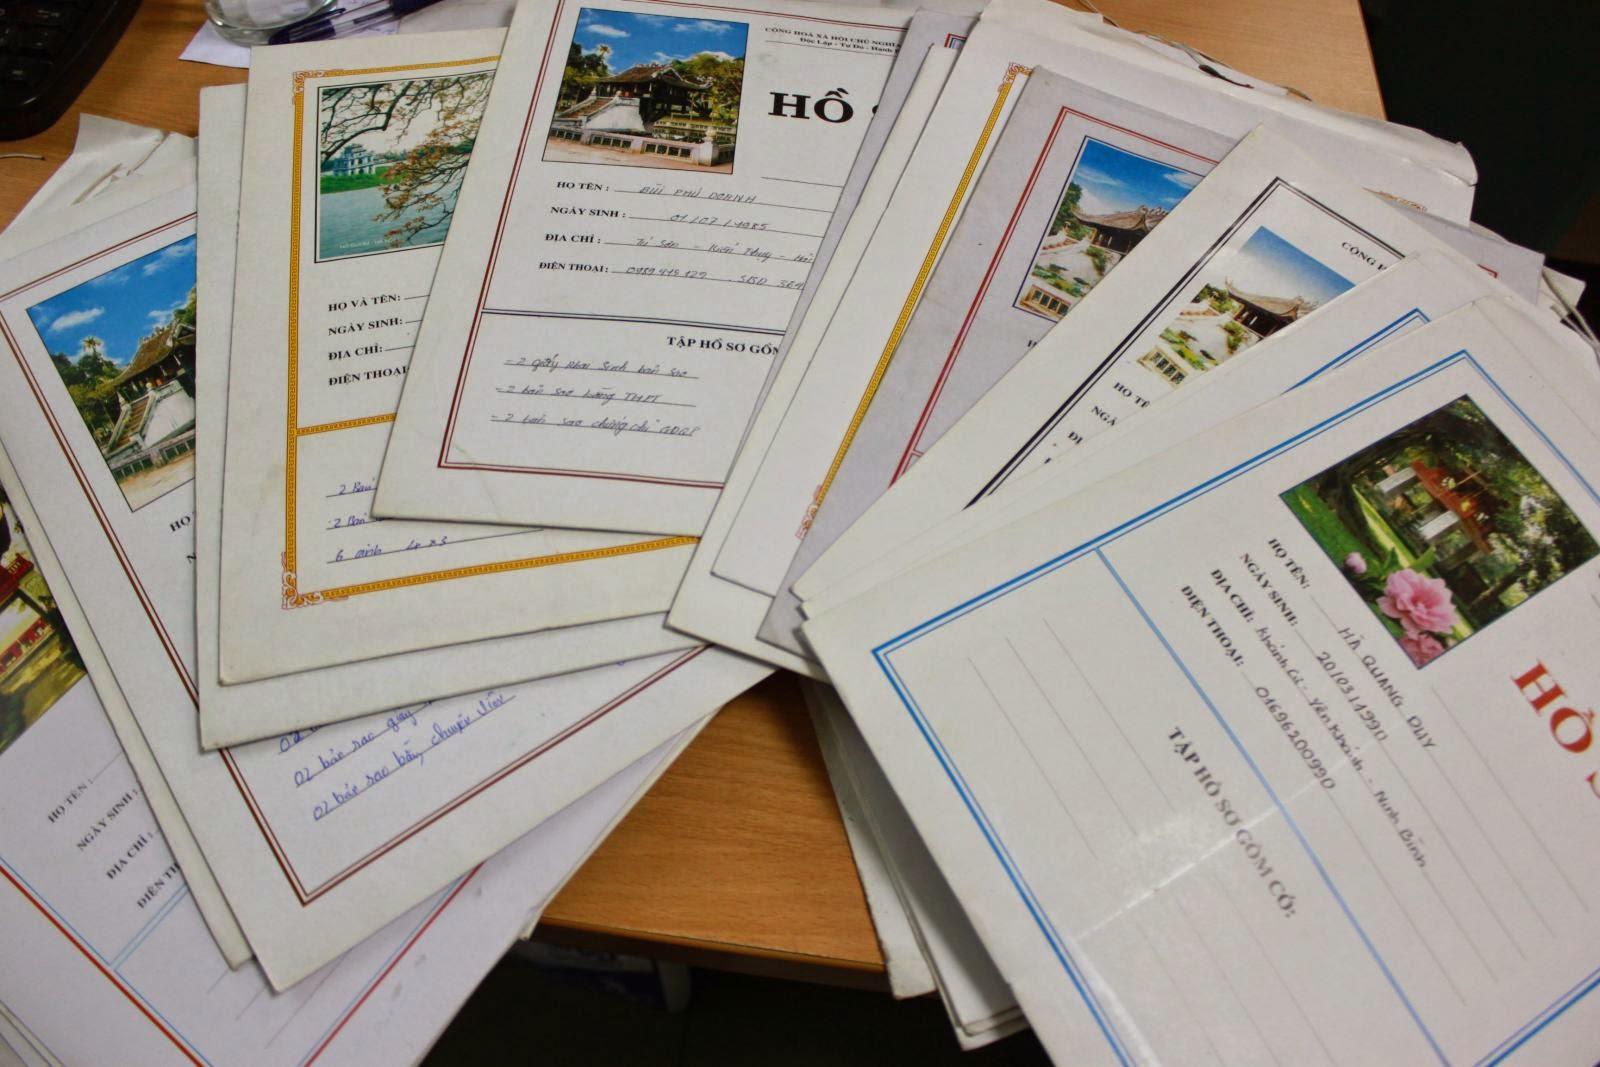 Hồ sơ giấy tờ cần chuẩn bị khi du học New Zealand